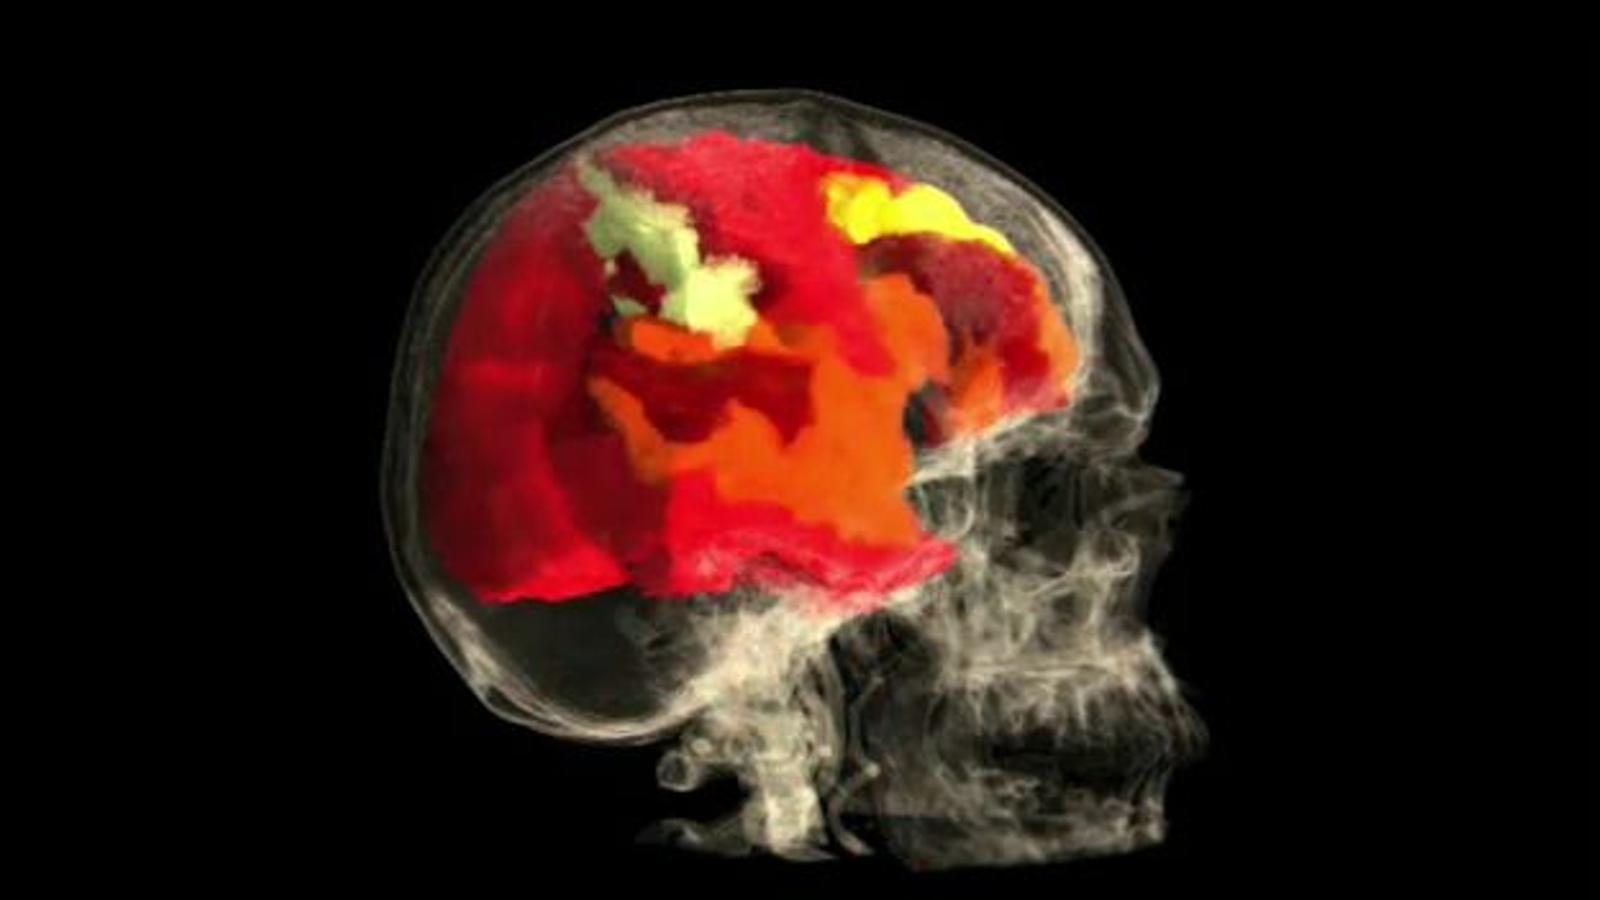 Una animació en què es pot veure l'efecte de l'orgasme femení sobre el cervell